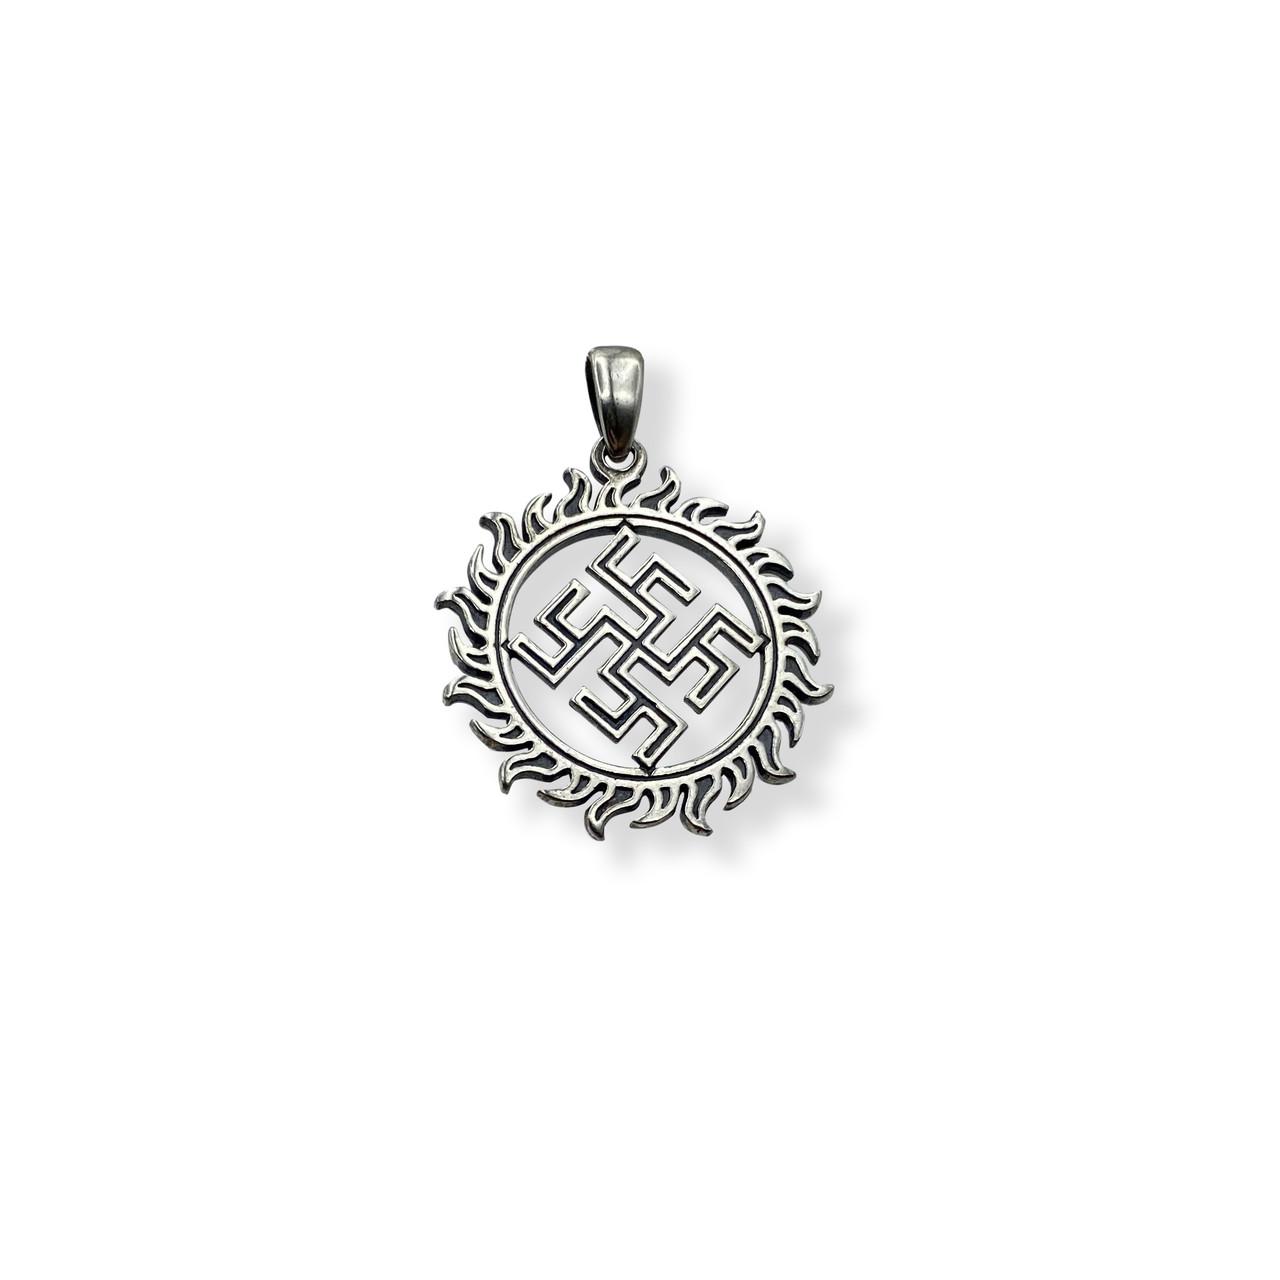 """""""Квітка папороті в сонце"""" - слов'янський оберіг із срібла 925 проби"""